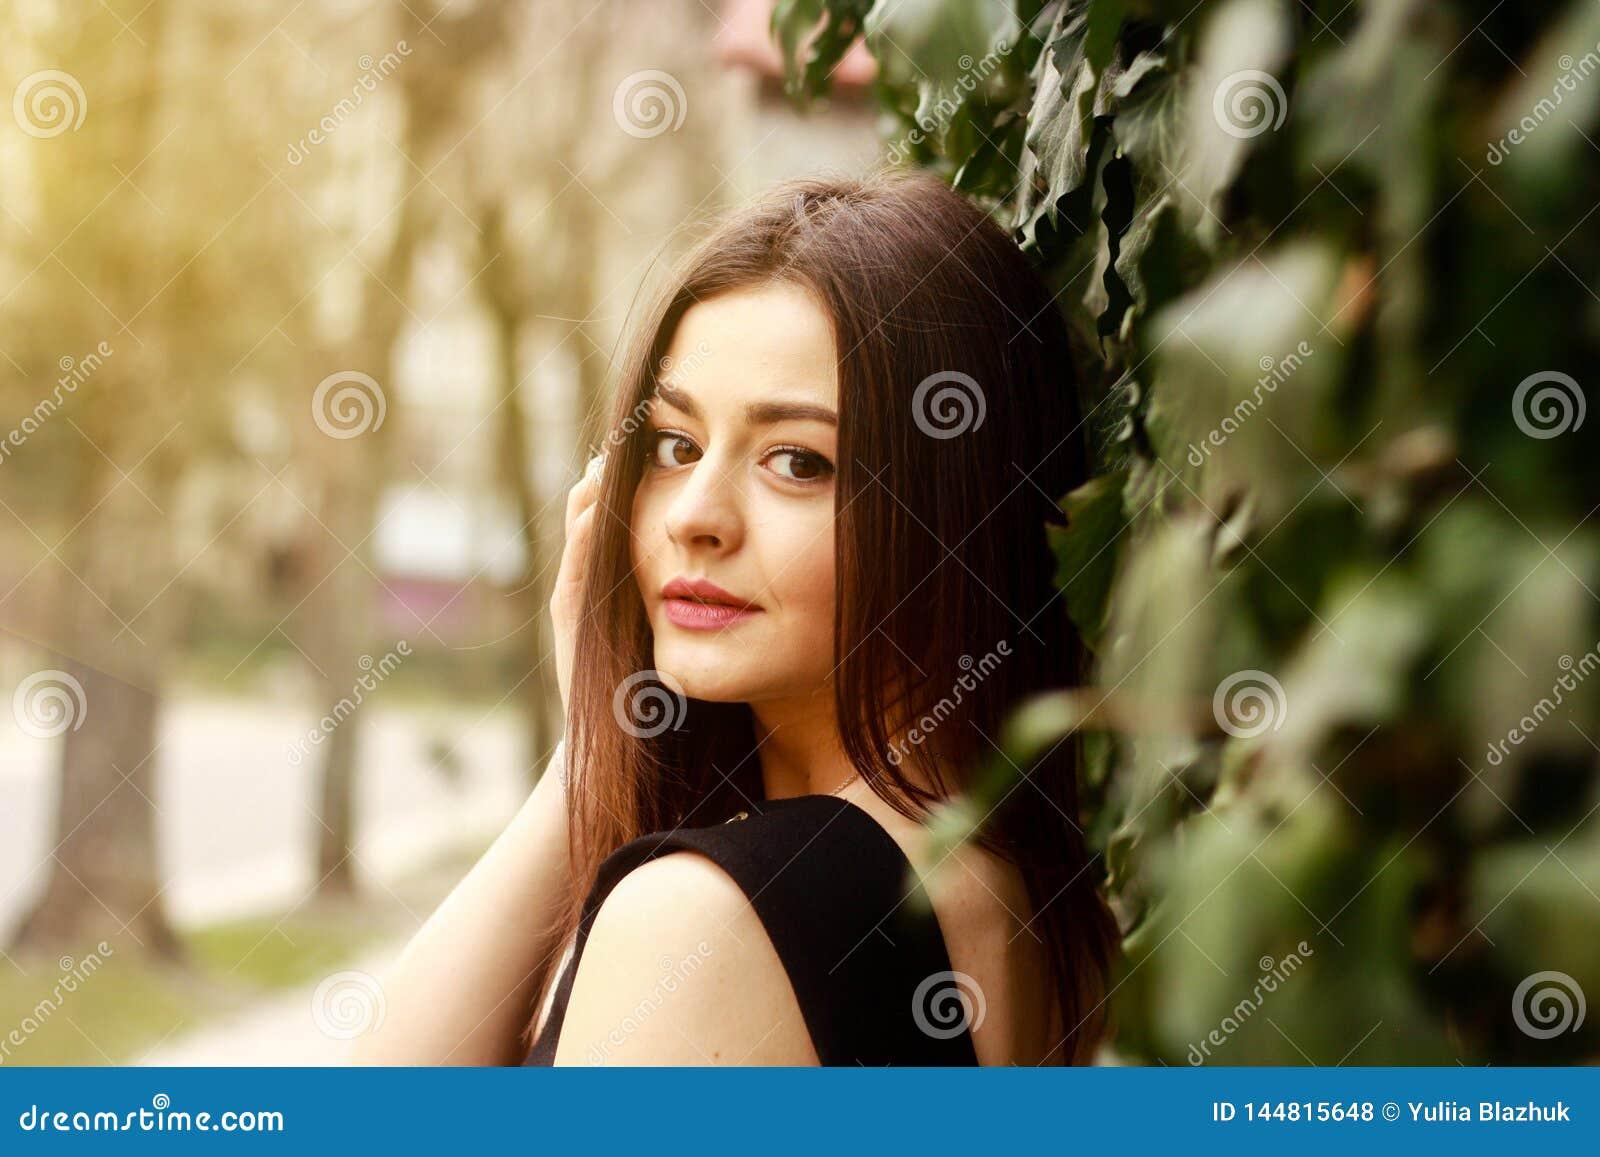 Porträt der durchdachten jungen hübschen Frau an der Straße